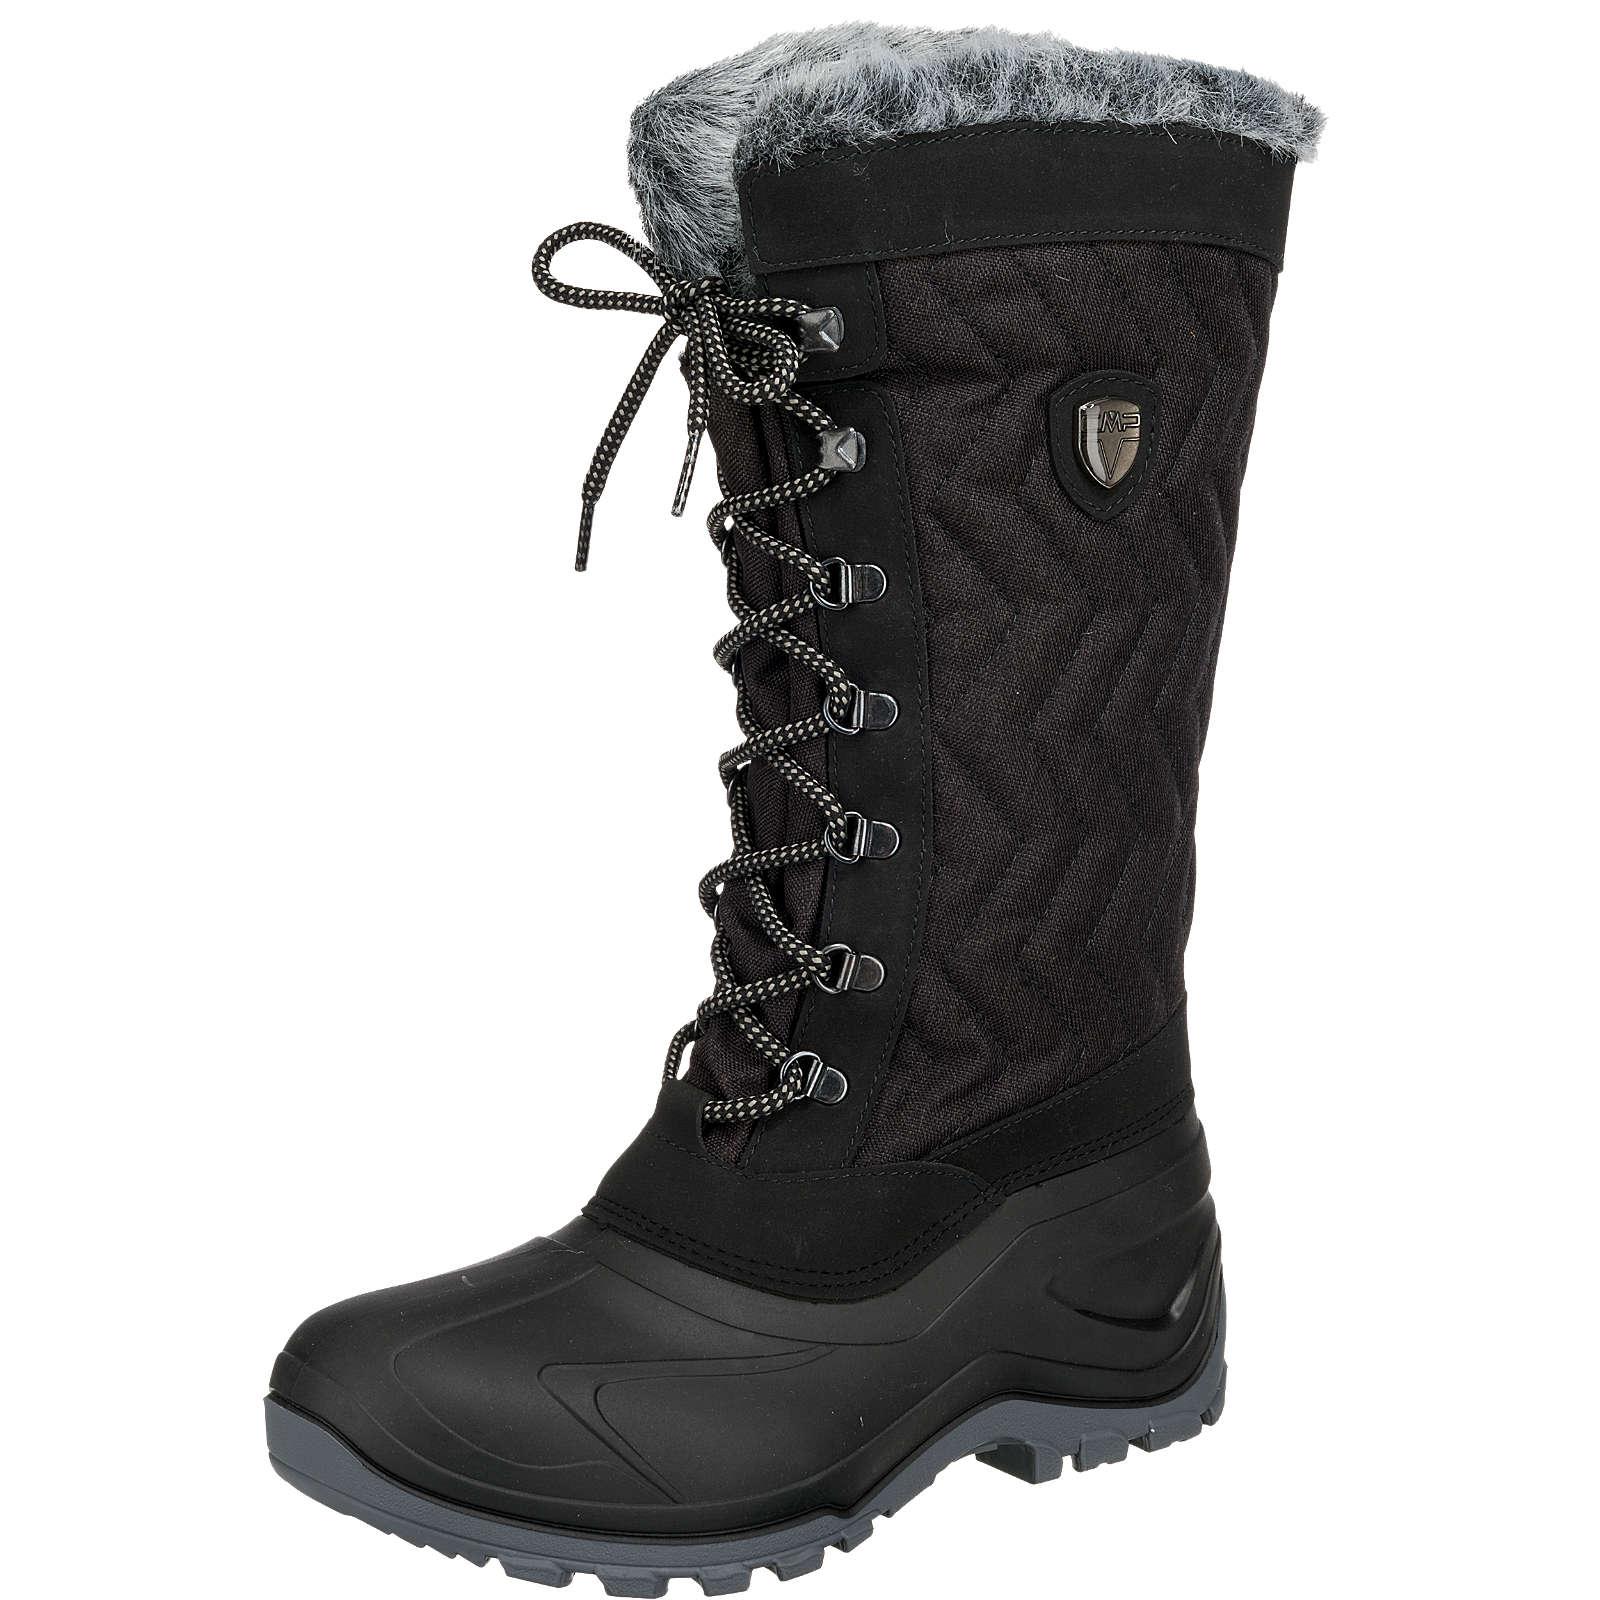 CMP NIETOS WMN SNOW BOOTS Winterstiefel schwarz Damen Gr. 38